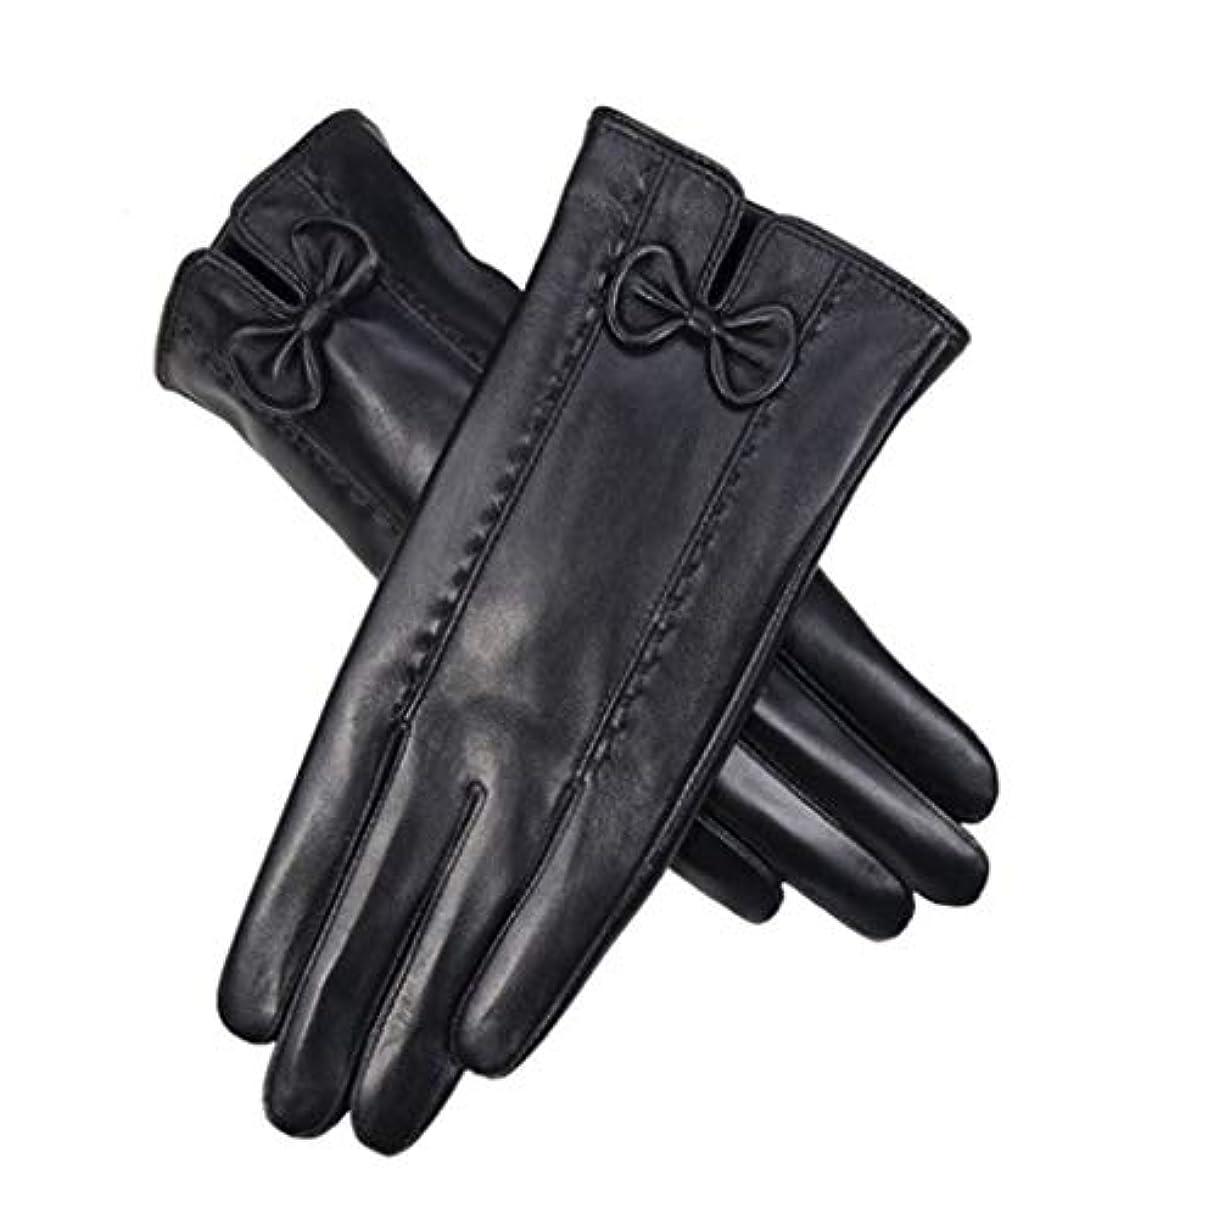 衛星チャート説得女性の綿手袋冬プラス車の屋外サイクリング冷たい女性のタッチスクリーン手袋の厚い暖かい韓国語バージョン